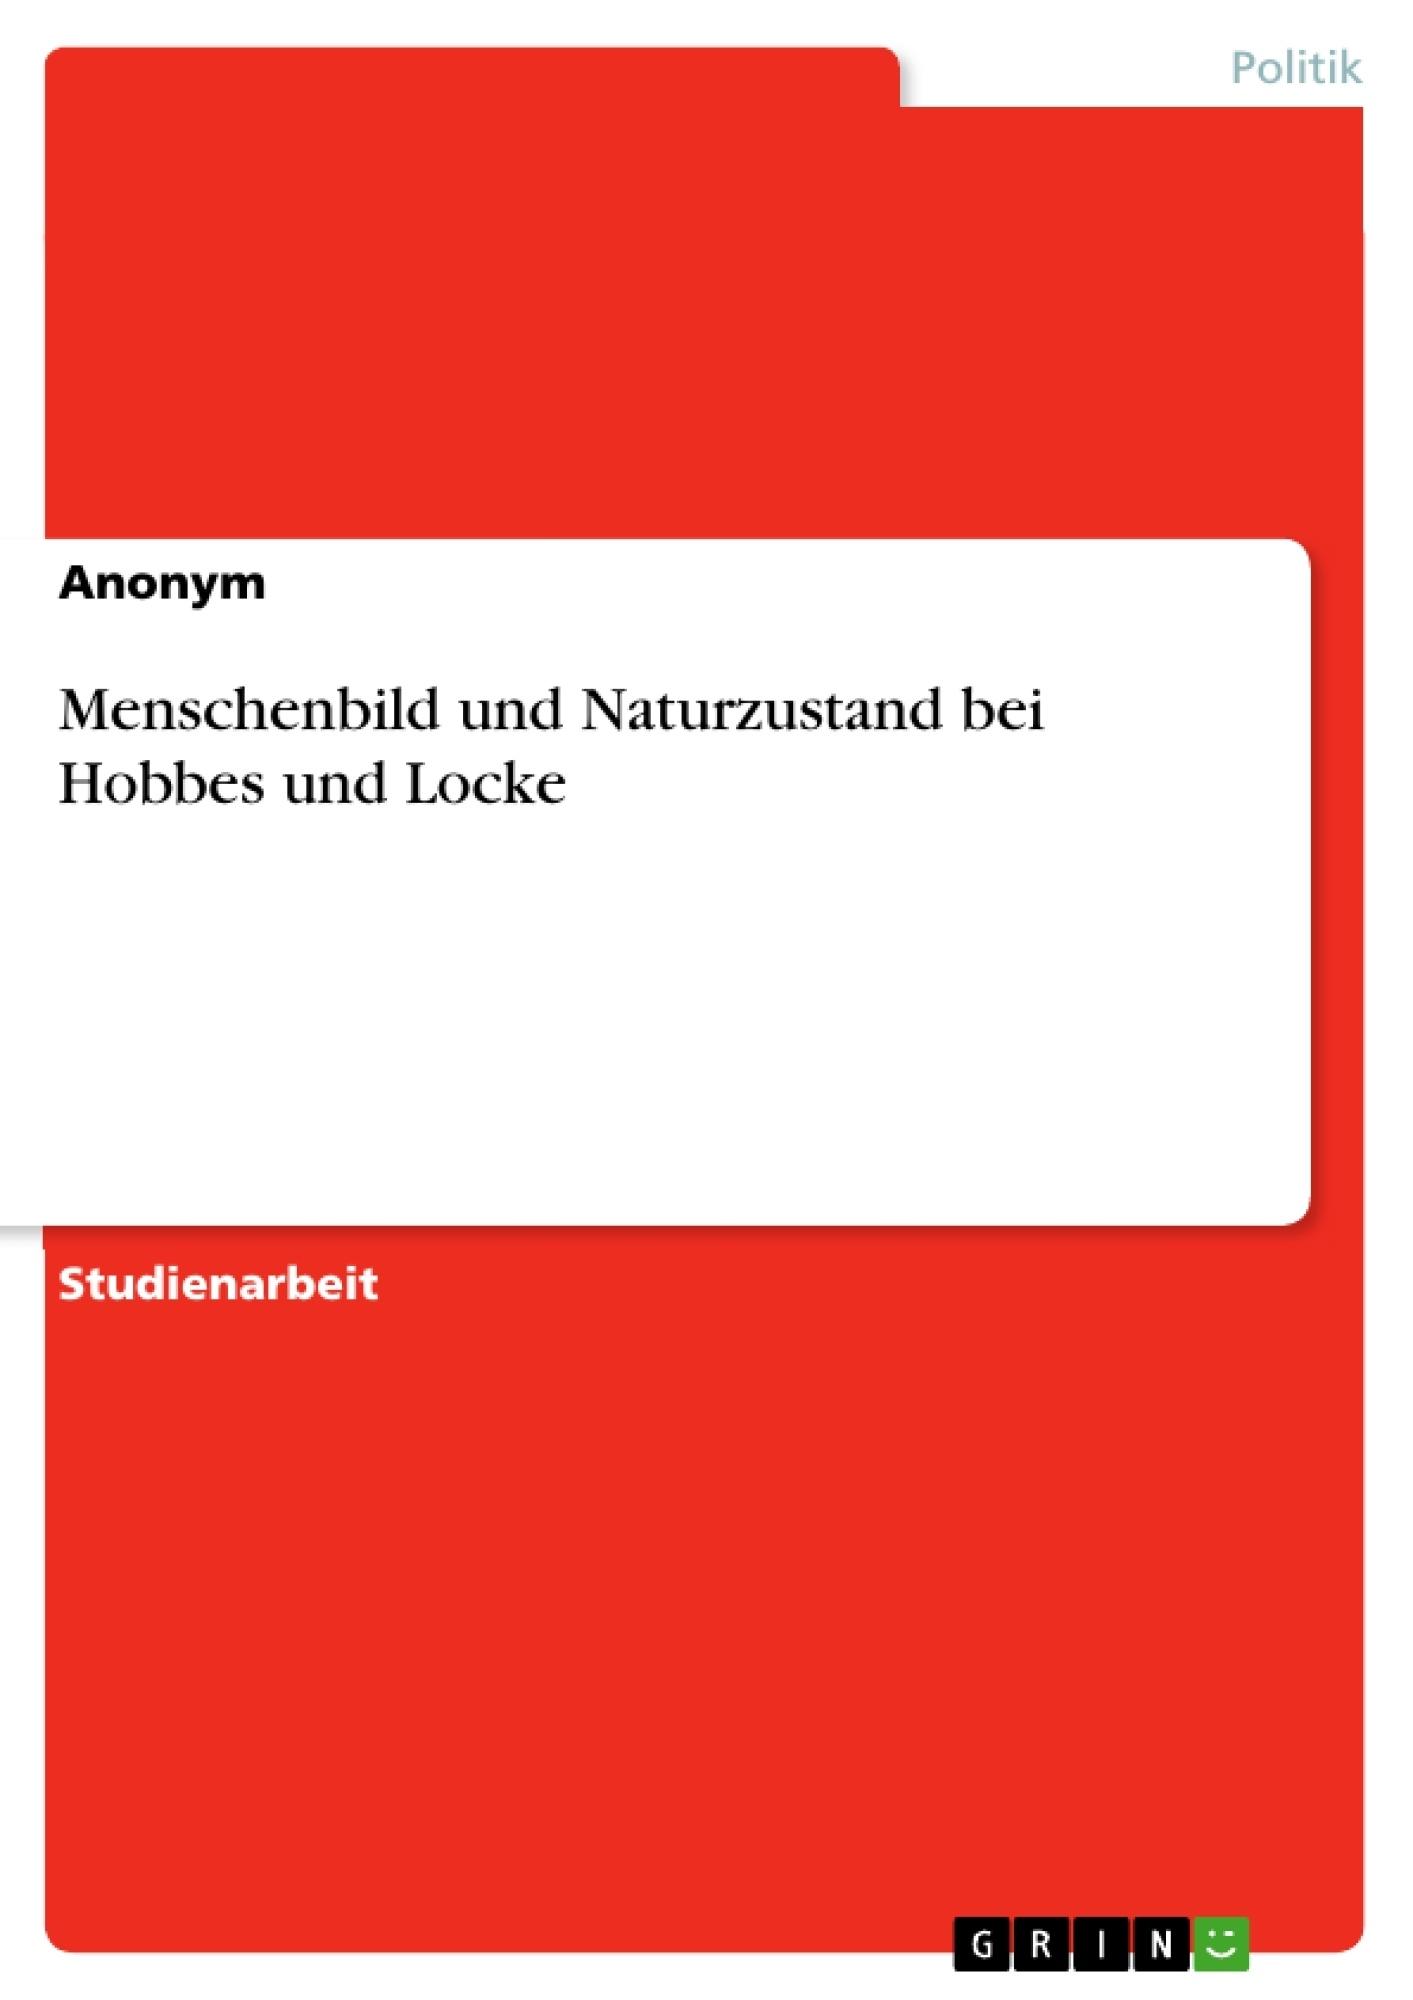 Titel: Menschenbild und Naturzustand bei Hobbes und Locke